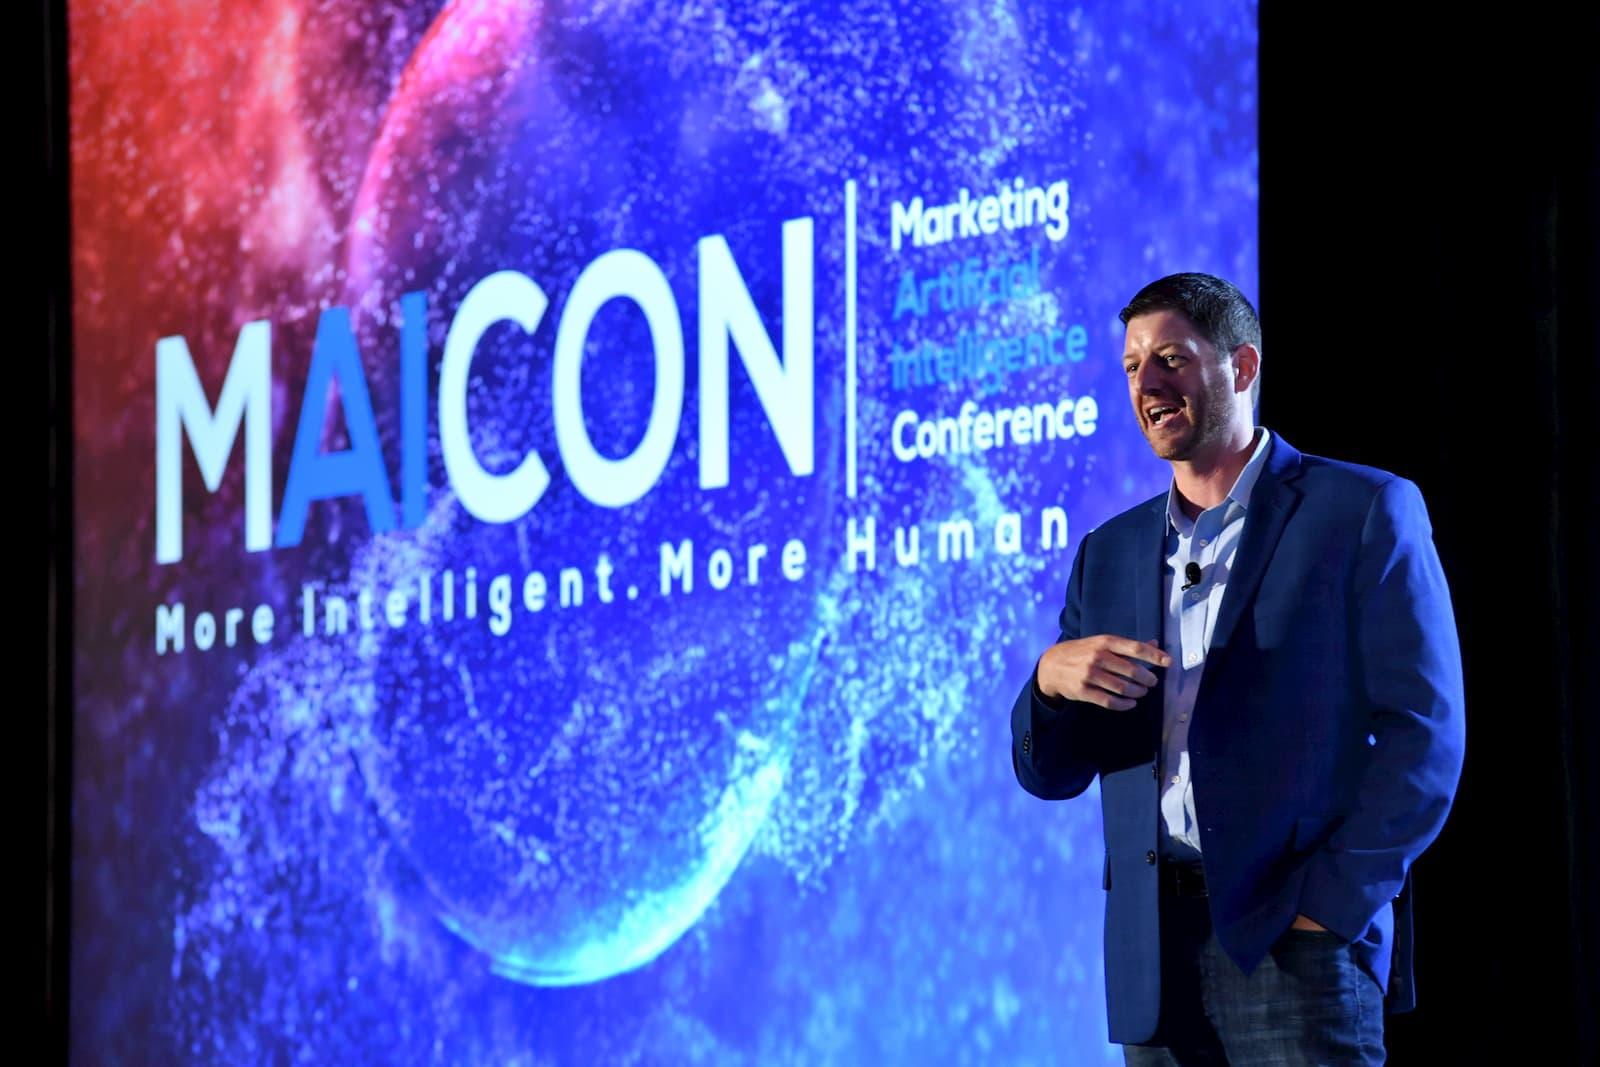 MAICON-Paul-Speaking